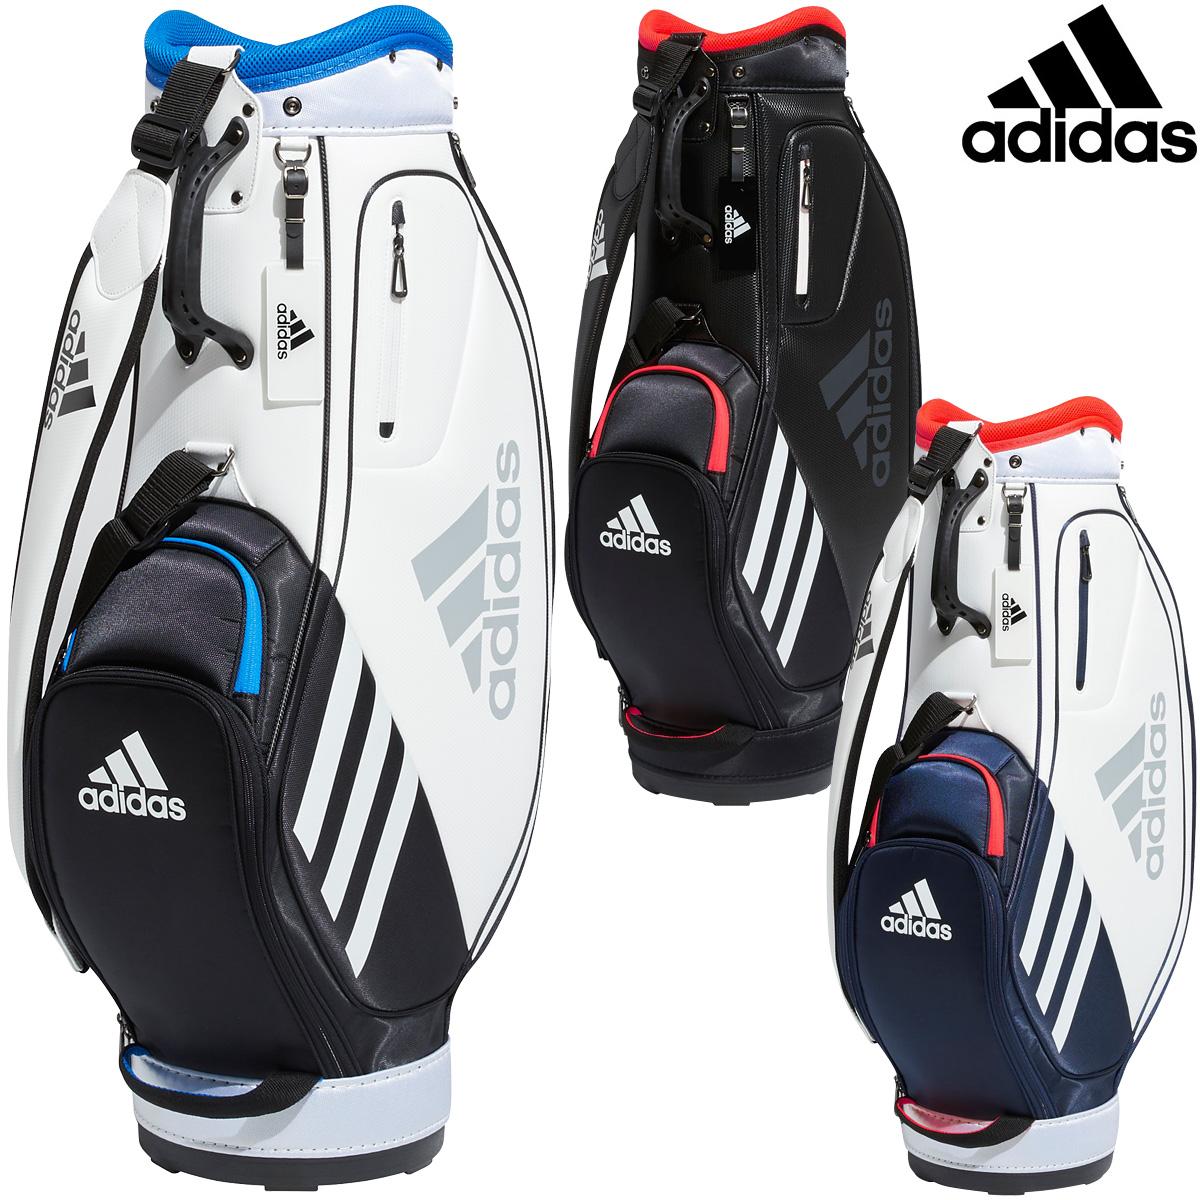 adidas Golf(アディダスゴルフ)日本正規品 PERFORMANCE CADDY BAG (パフォーマンスキャディバッグ) 2020新製品 軽量ゴルフキャディバッグ 「GUV75」 【あす楽対応】